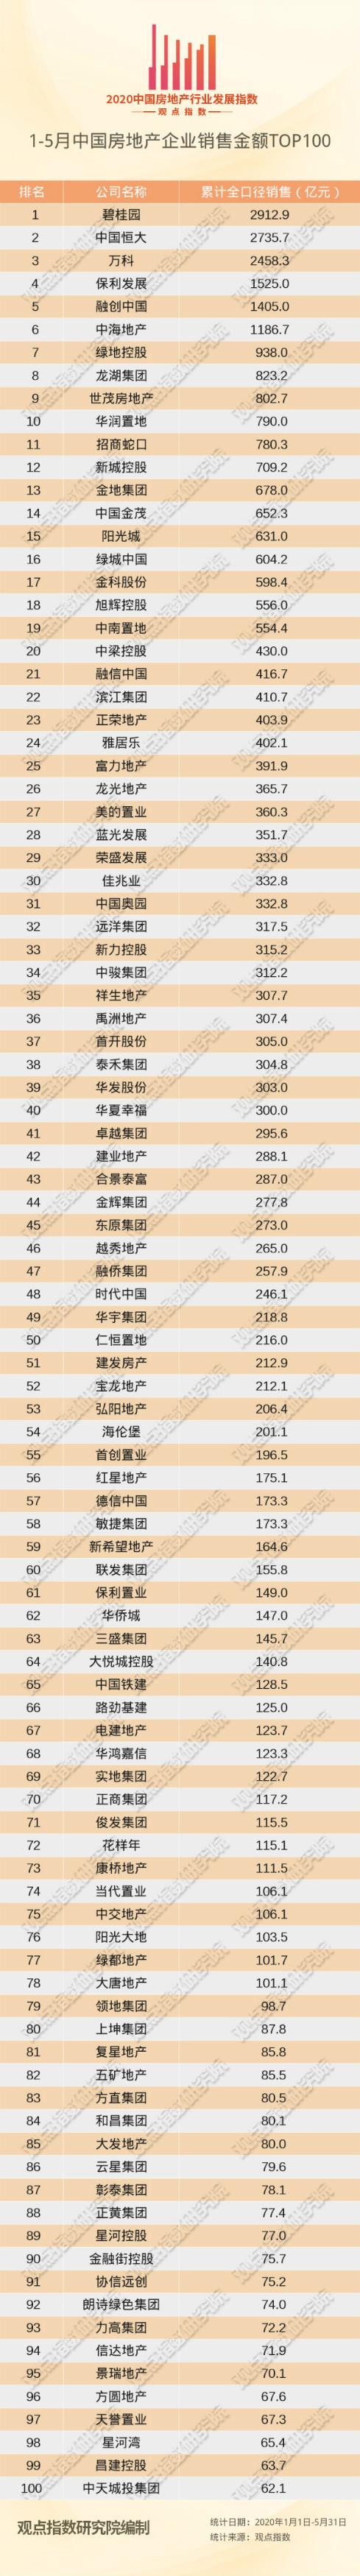 http://www.liuyubo.com/fangchan/2456576.html